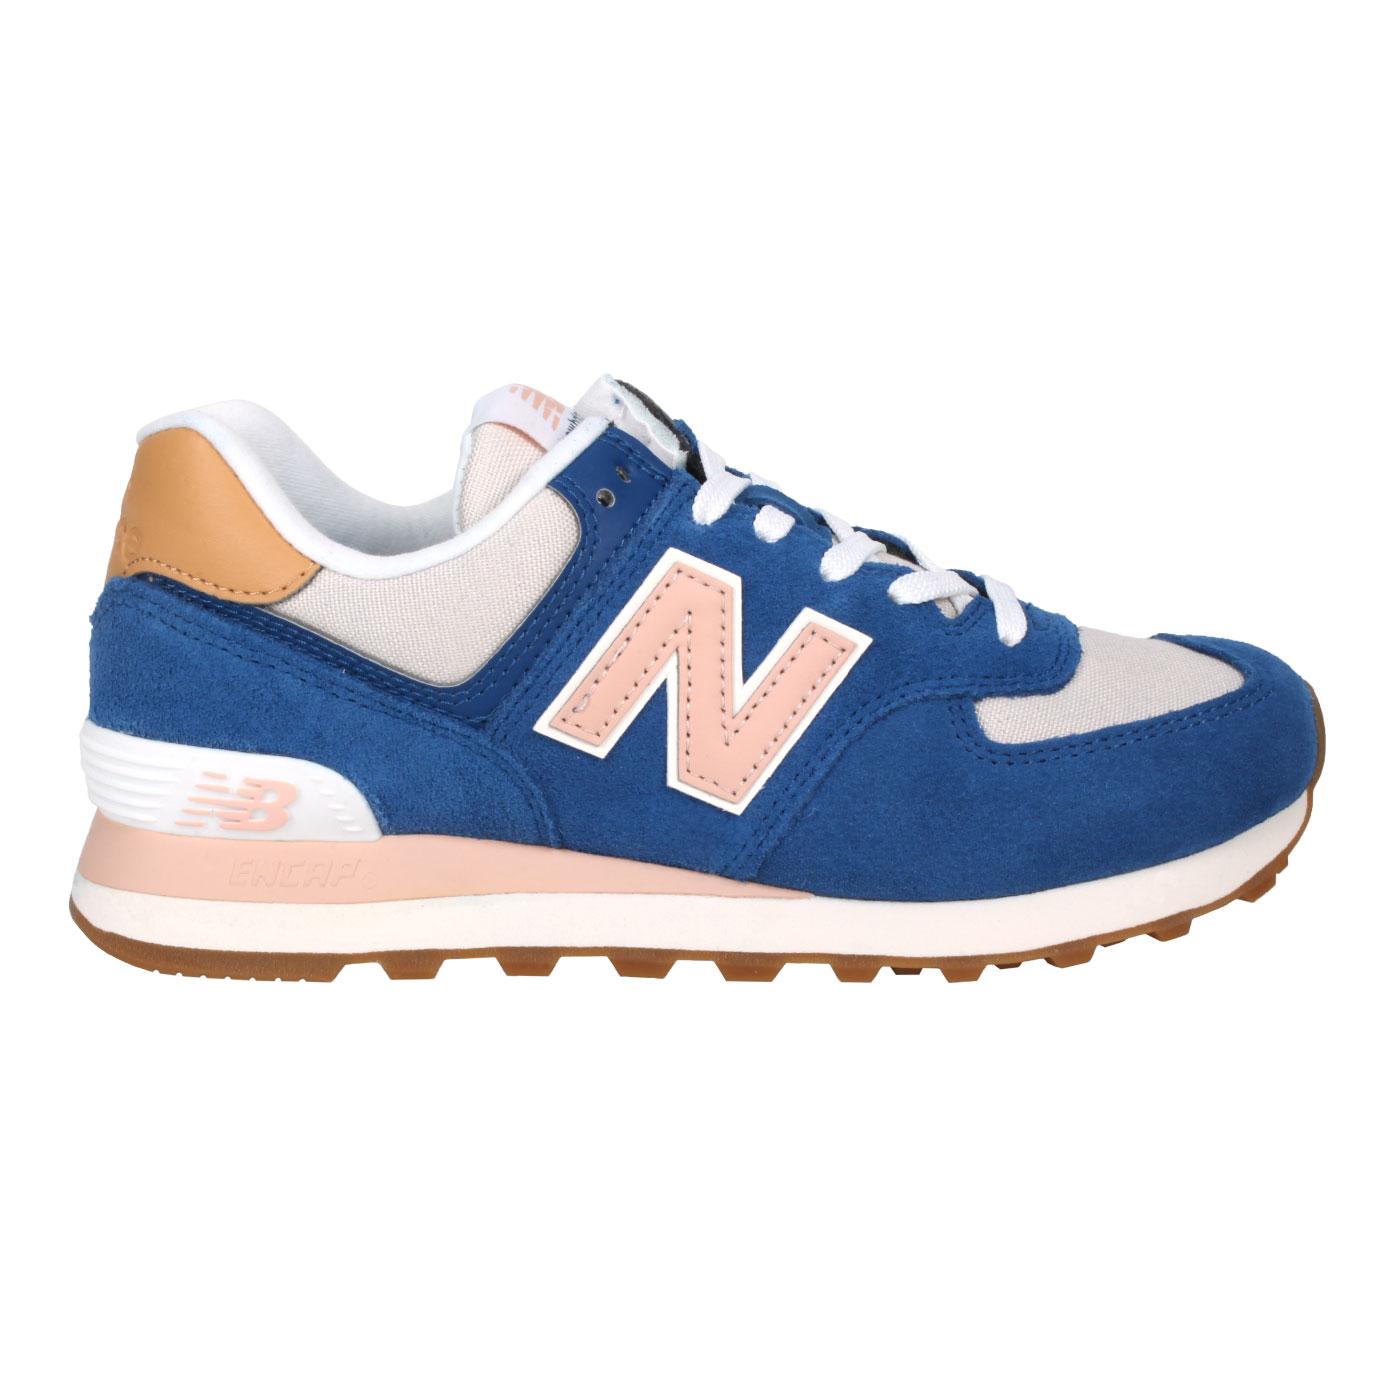 NEW BALANCE 女款運動休閒鞋 WL574NU2 - 藍粉棕